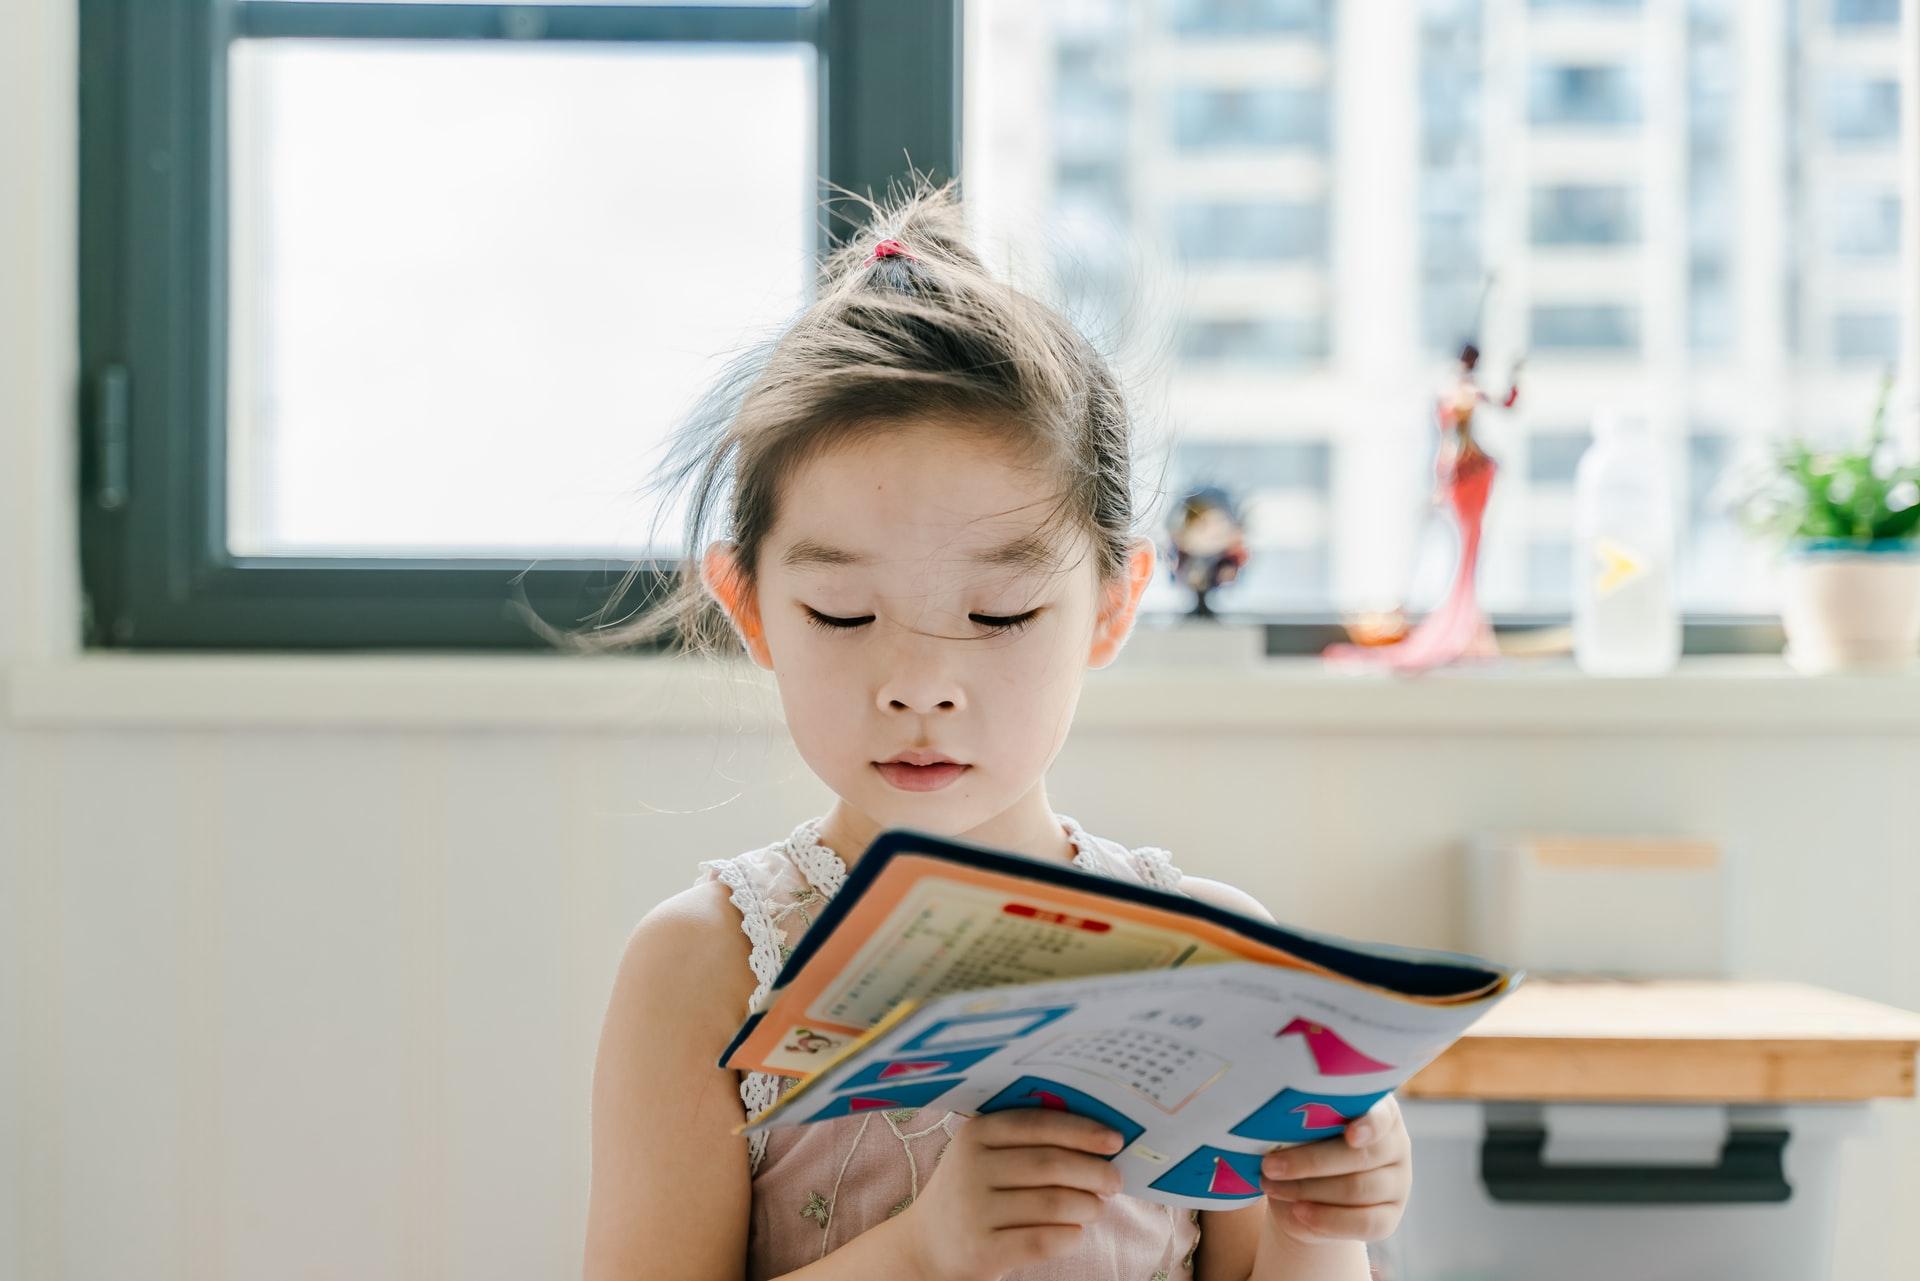 窓辺で読書をする小さな女の子